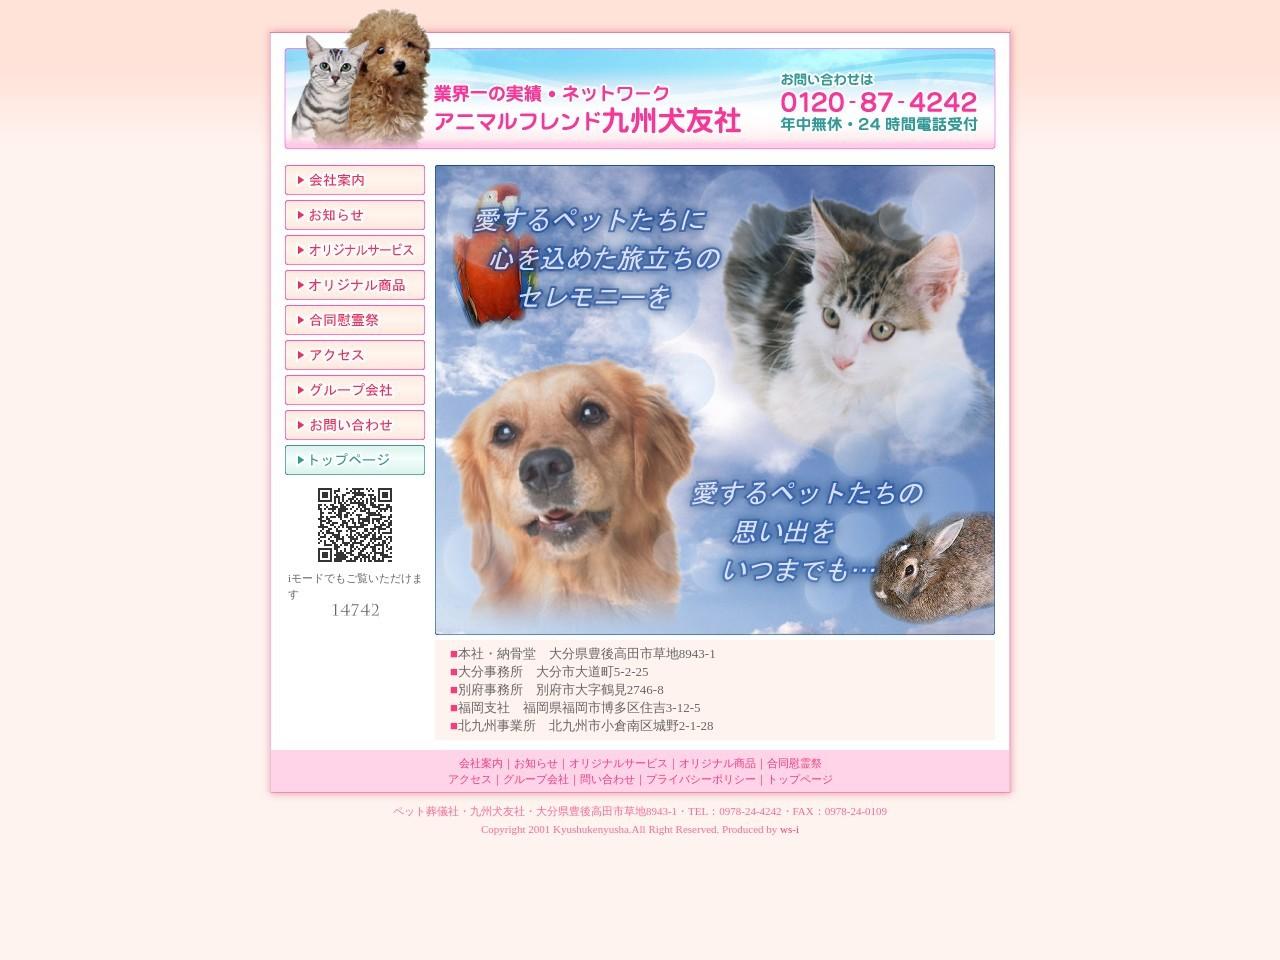 有限会社九州犬友社